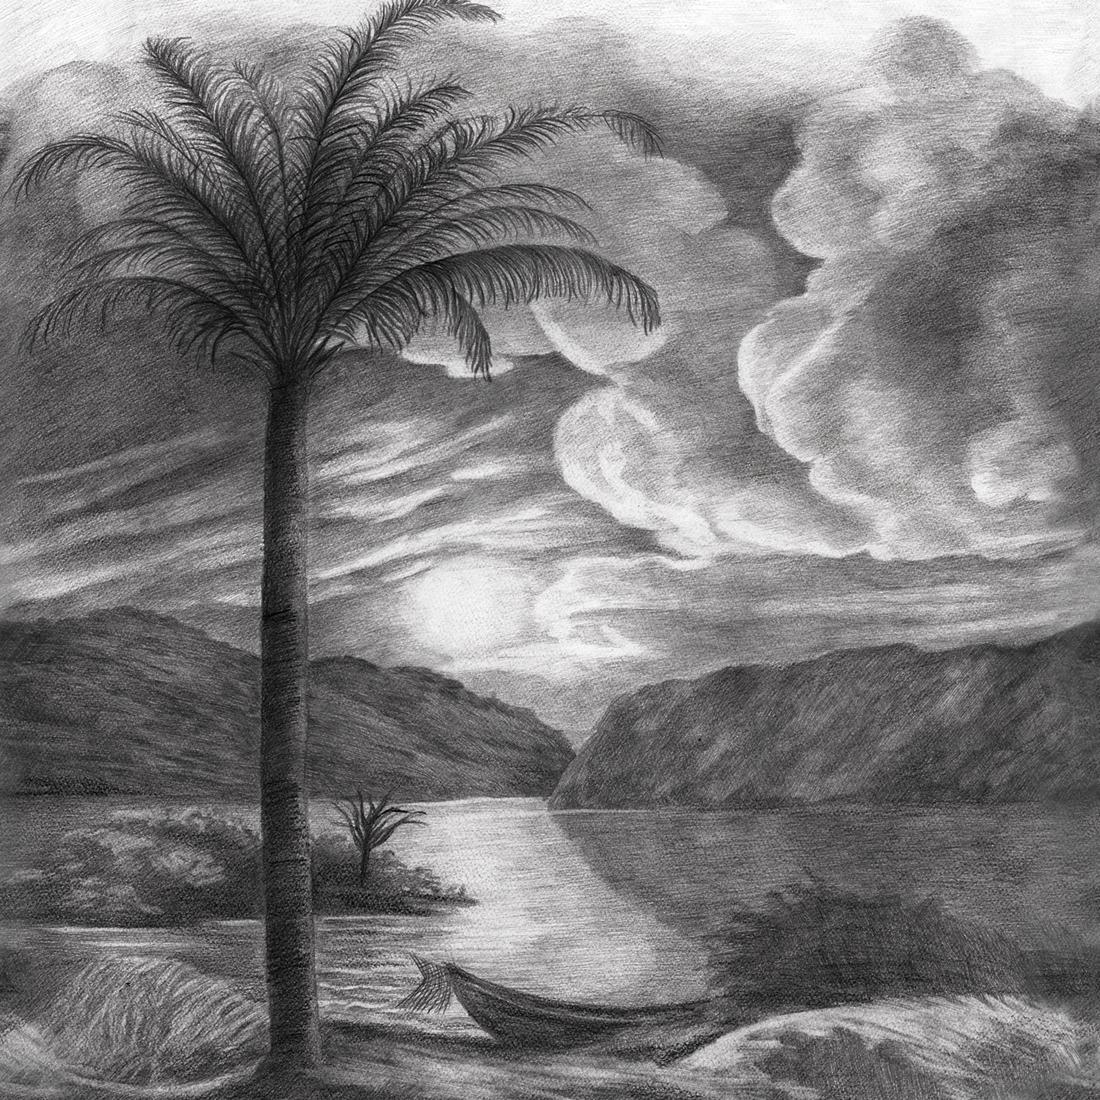 Papier Peint Panoramique Noir Et Blanc papier peint panoramique fresque palmier isola noir et blanc